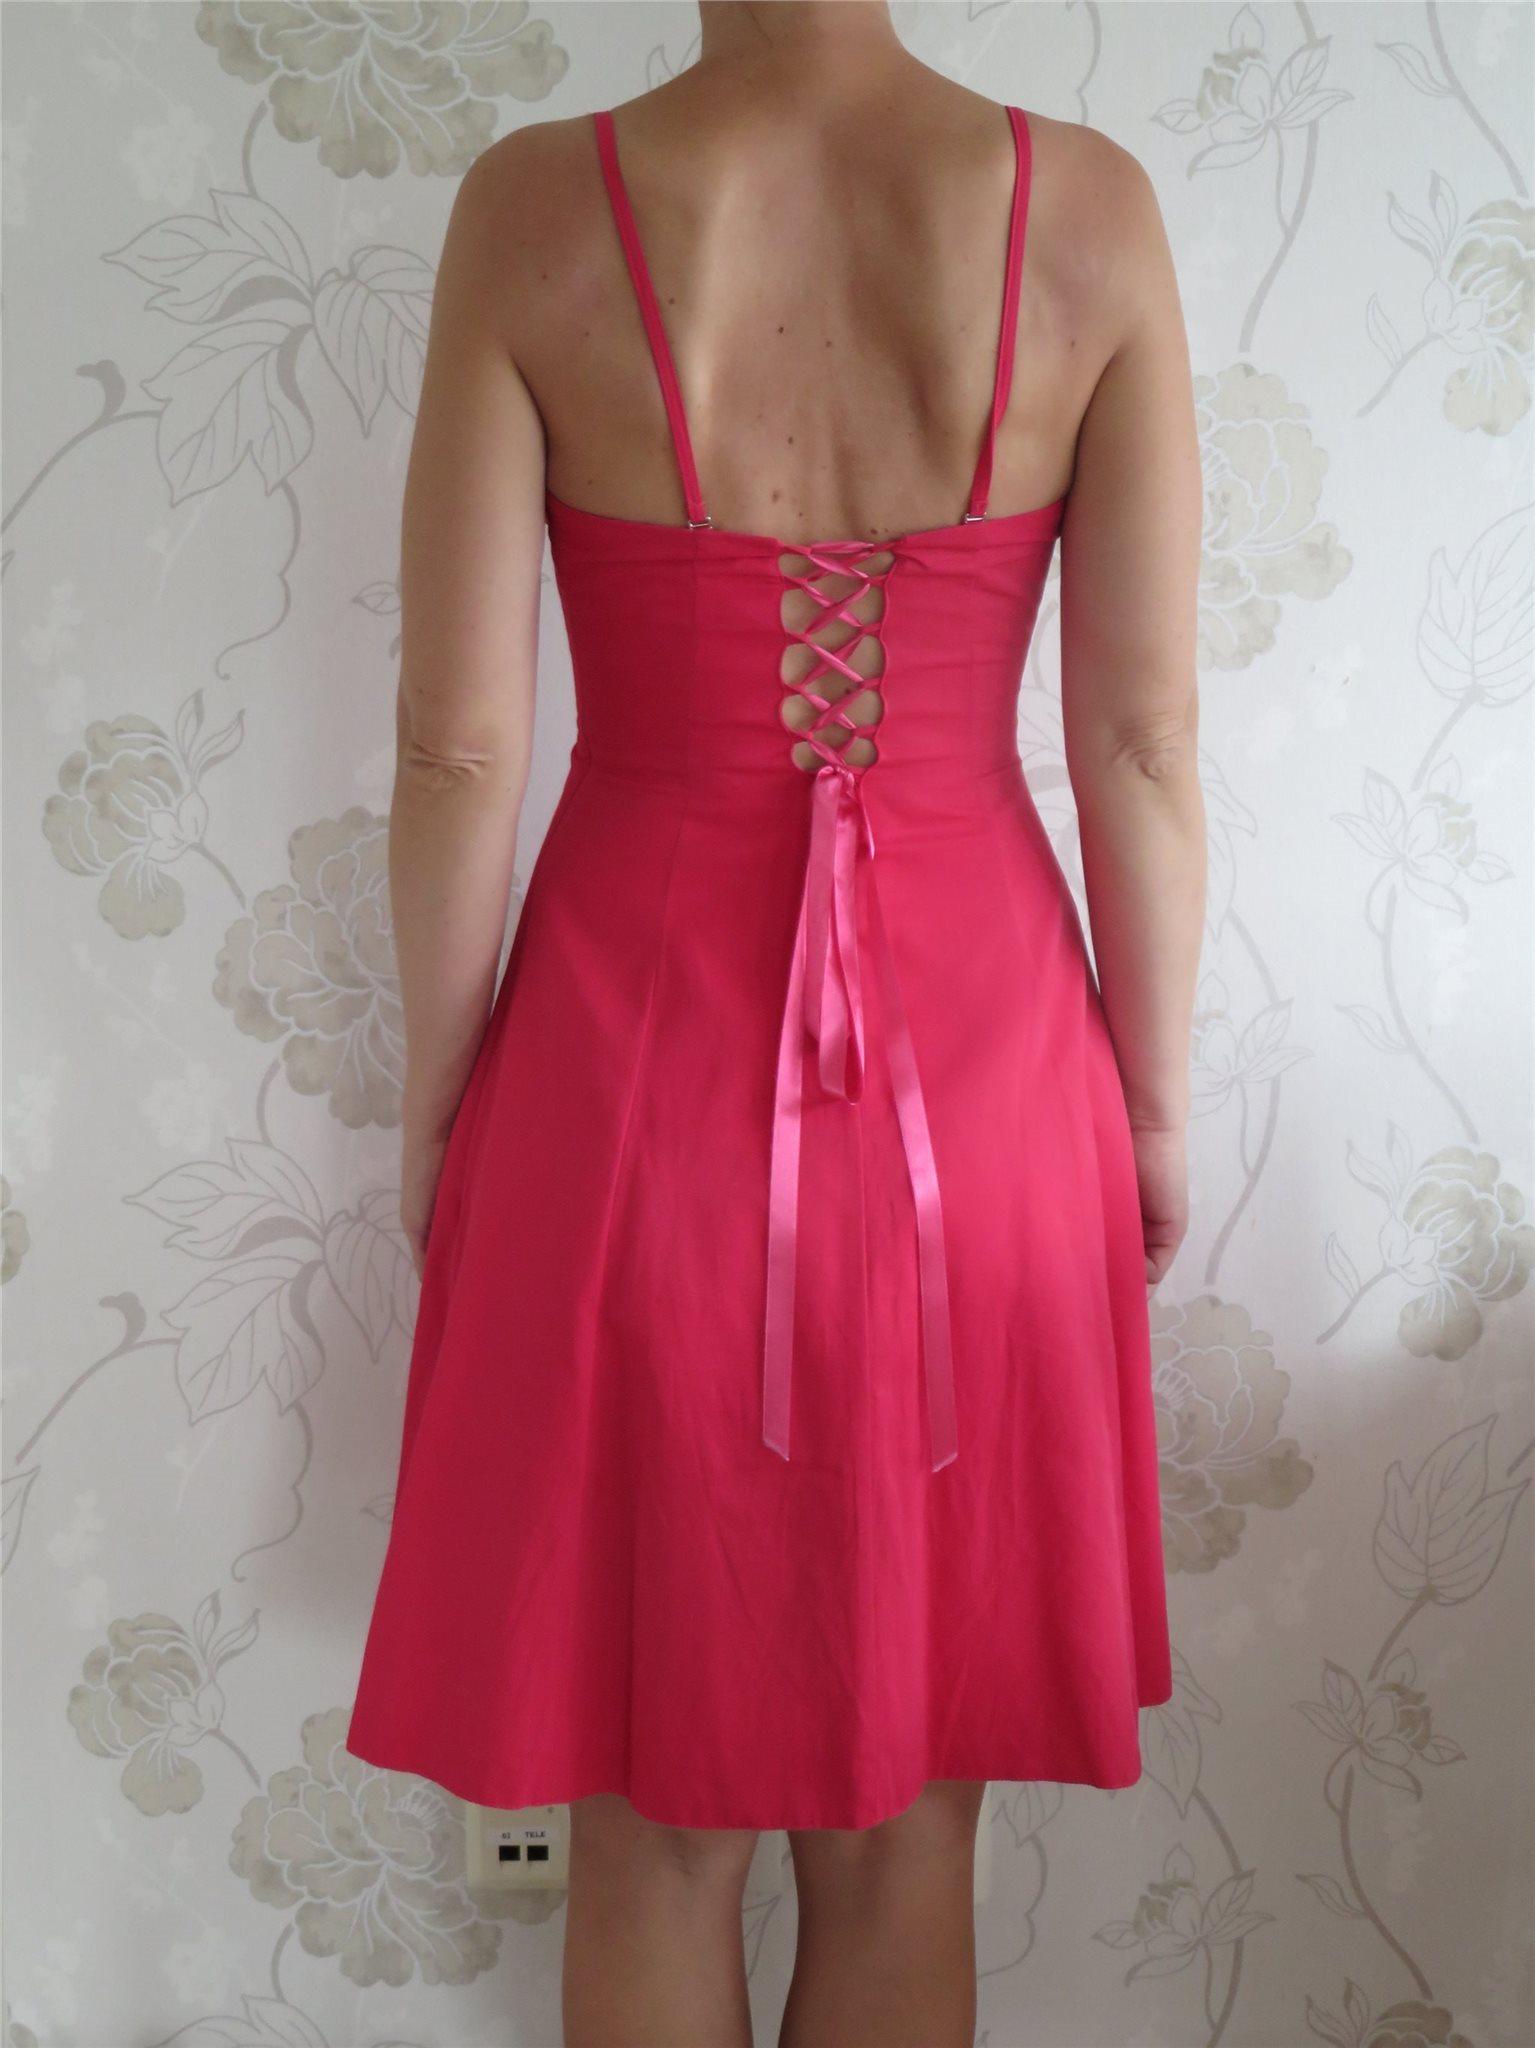 03e67b4d5f8d Vacker hallonröd festklänning/balklänning i stl.. (355017815) ᐈ Köp ...